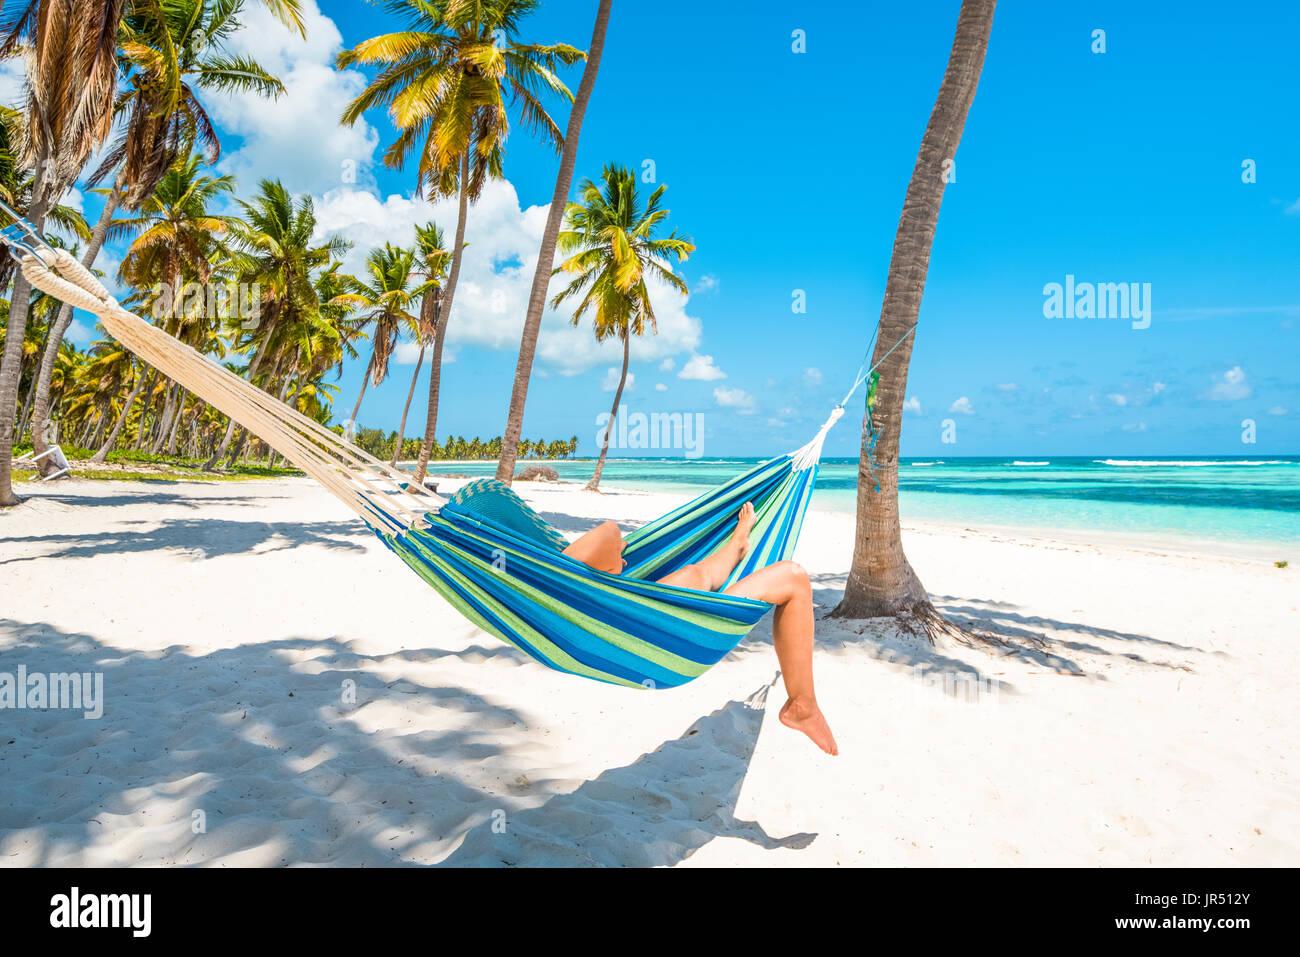 Canto de la Playa, Saona Island, Parco Nazionale Orientale (Parque Nacional del Este), Repubblica Dominicana, Mar dei Caraibi. Donna relax su una amaca. Immagini Stock